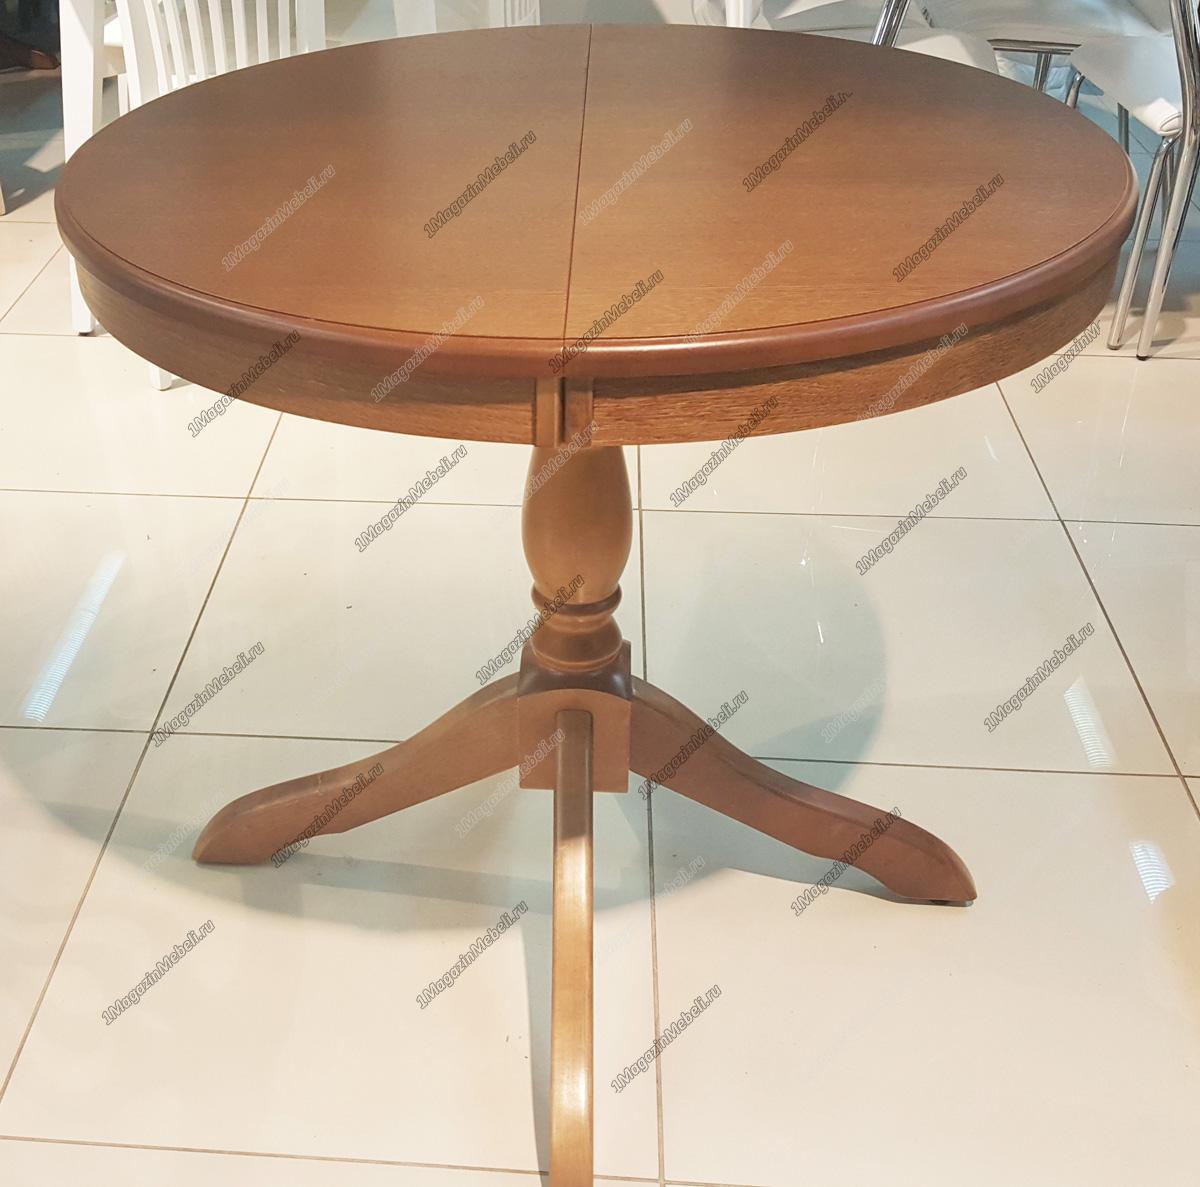 Стол кухонный дуб (орех), круглый 85 см. раздвижной (арт. М4254)